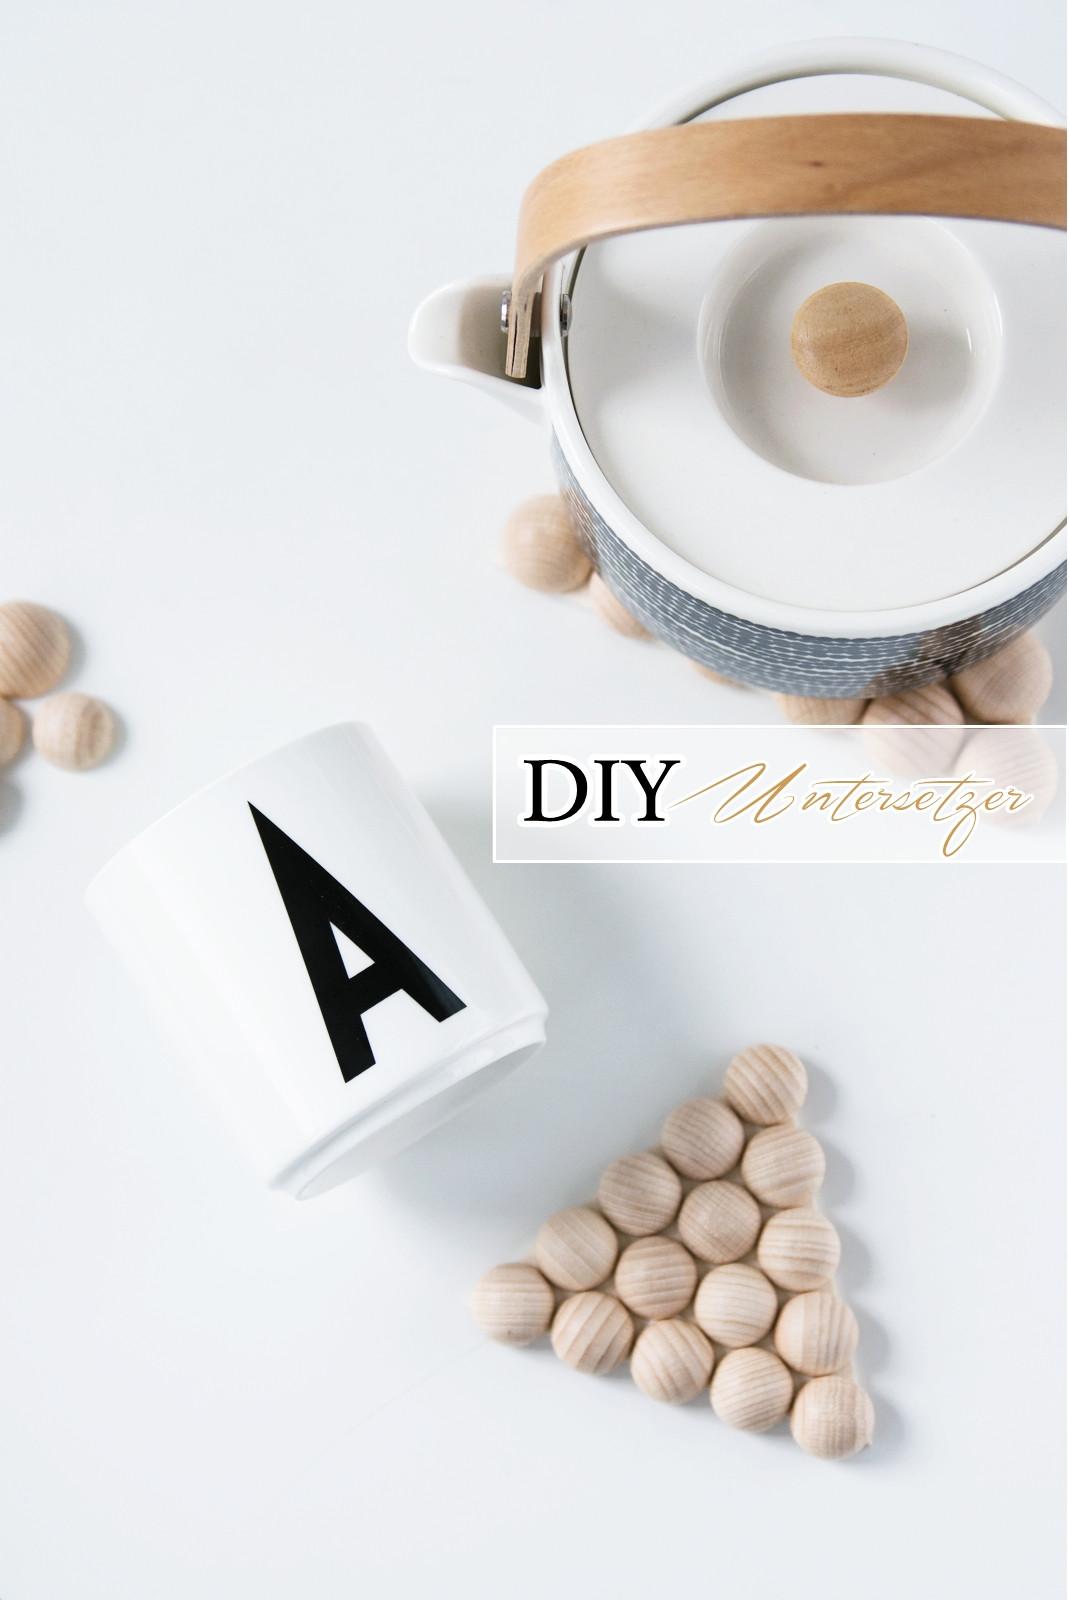 Diy Untersetzer  [DIY Quickie] Geometrische Untersetzer aus Holzkugeln